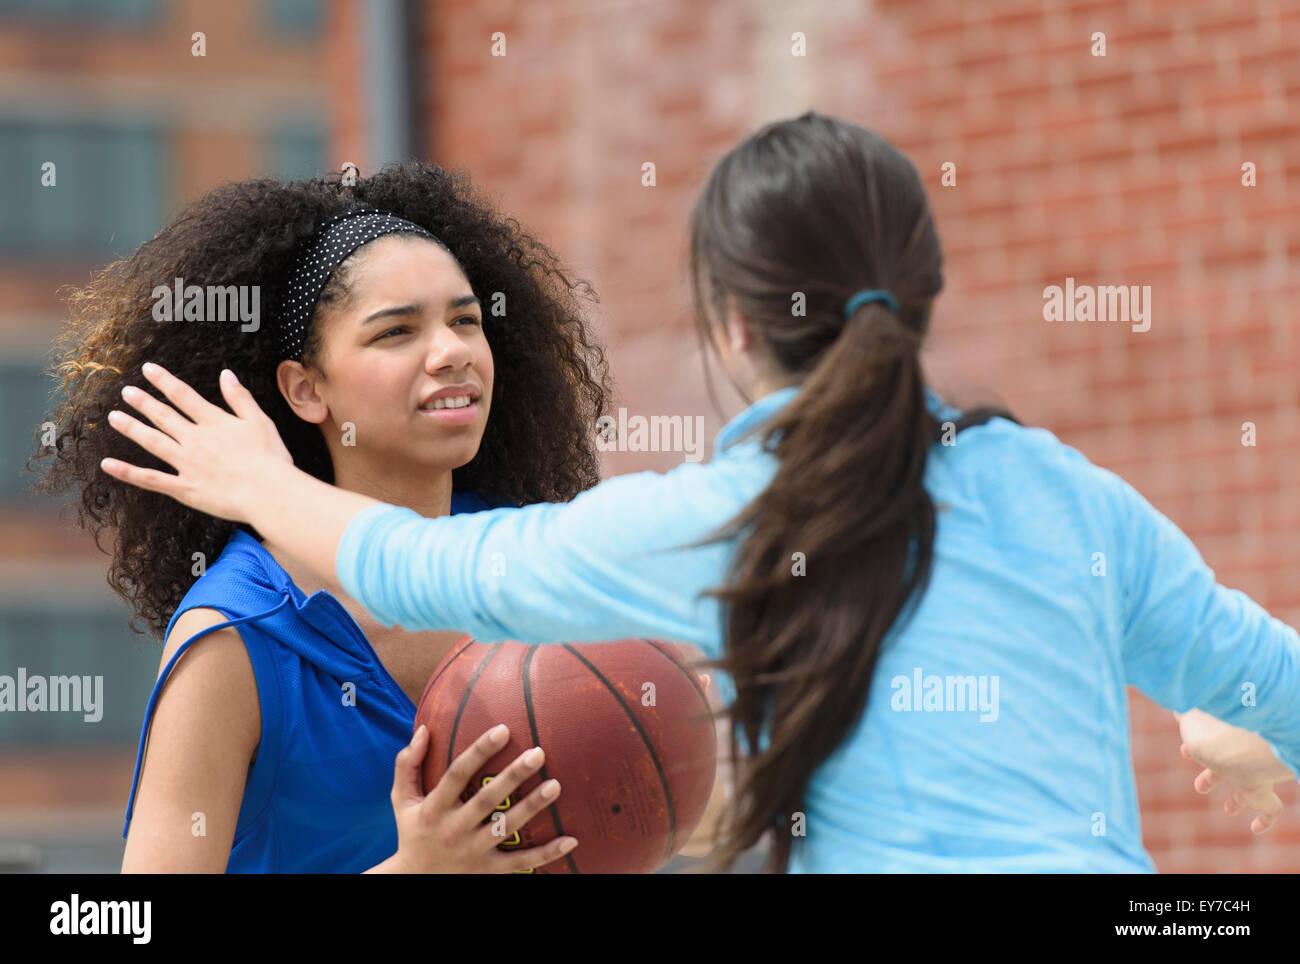 Adolescentes (14-15 y 16-17) jugando baloncesto Imagen De Stock